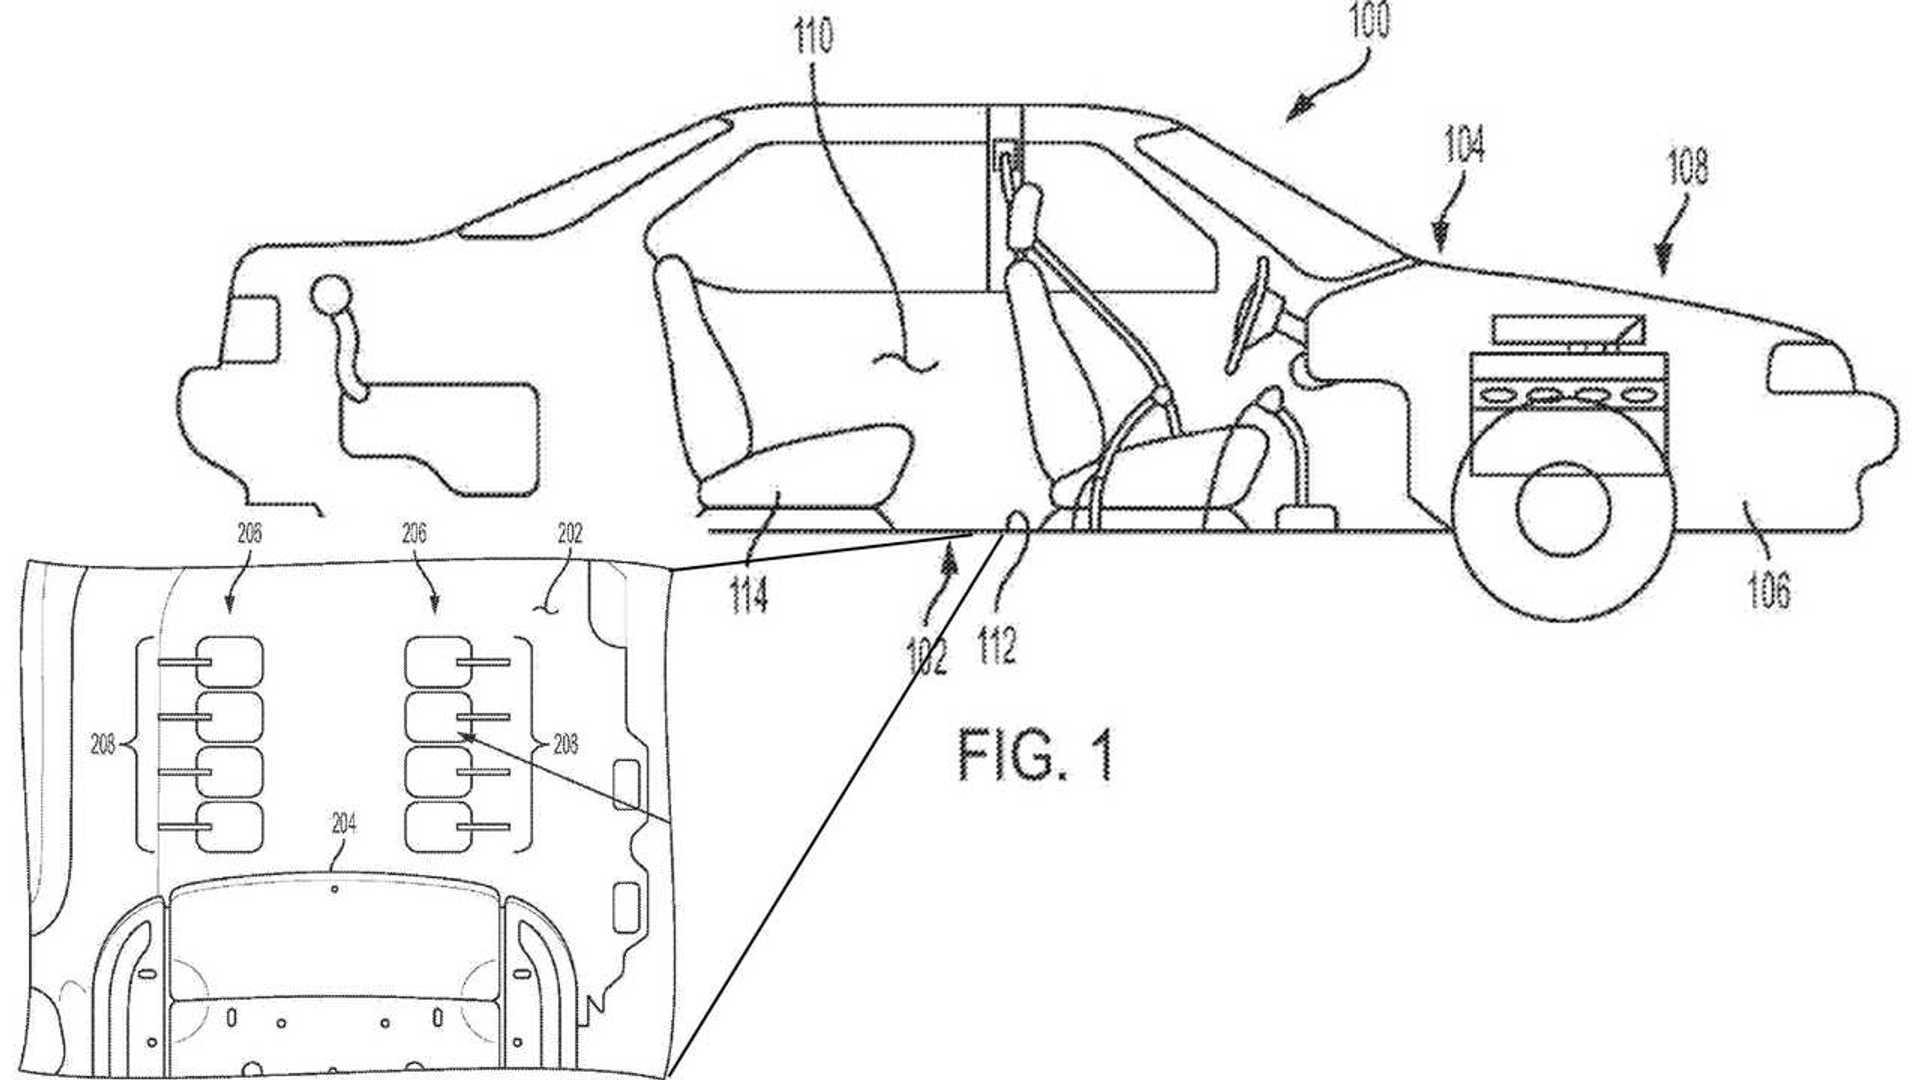 Заявка на патент GM демонстрирует странную систему массажа ног для автомобилей